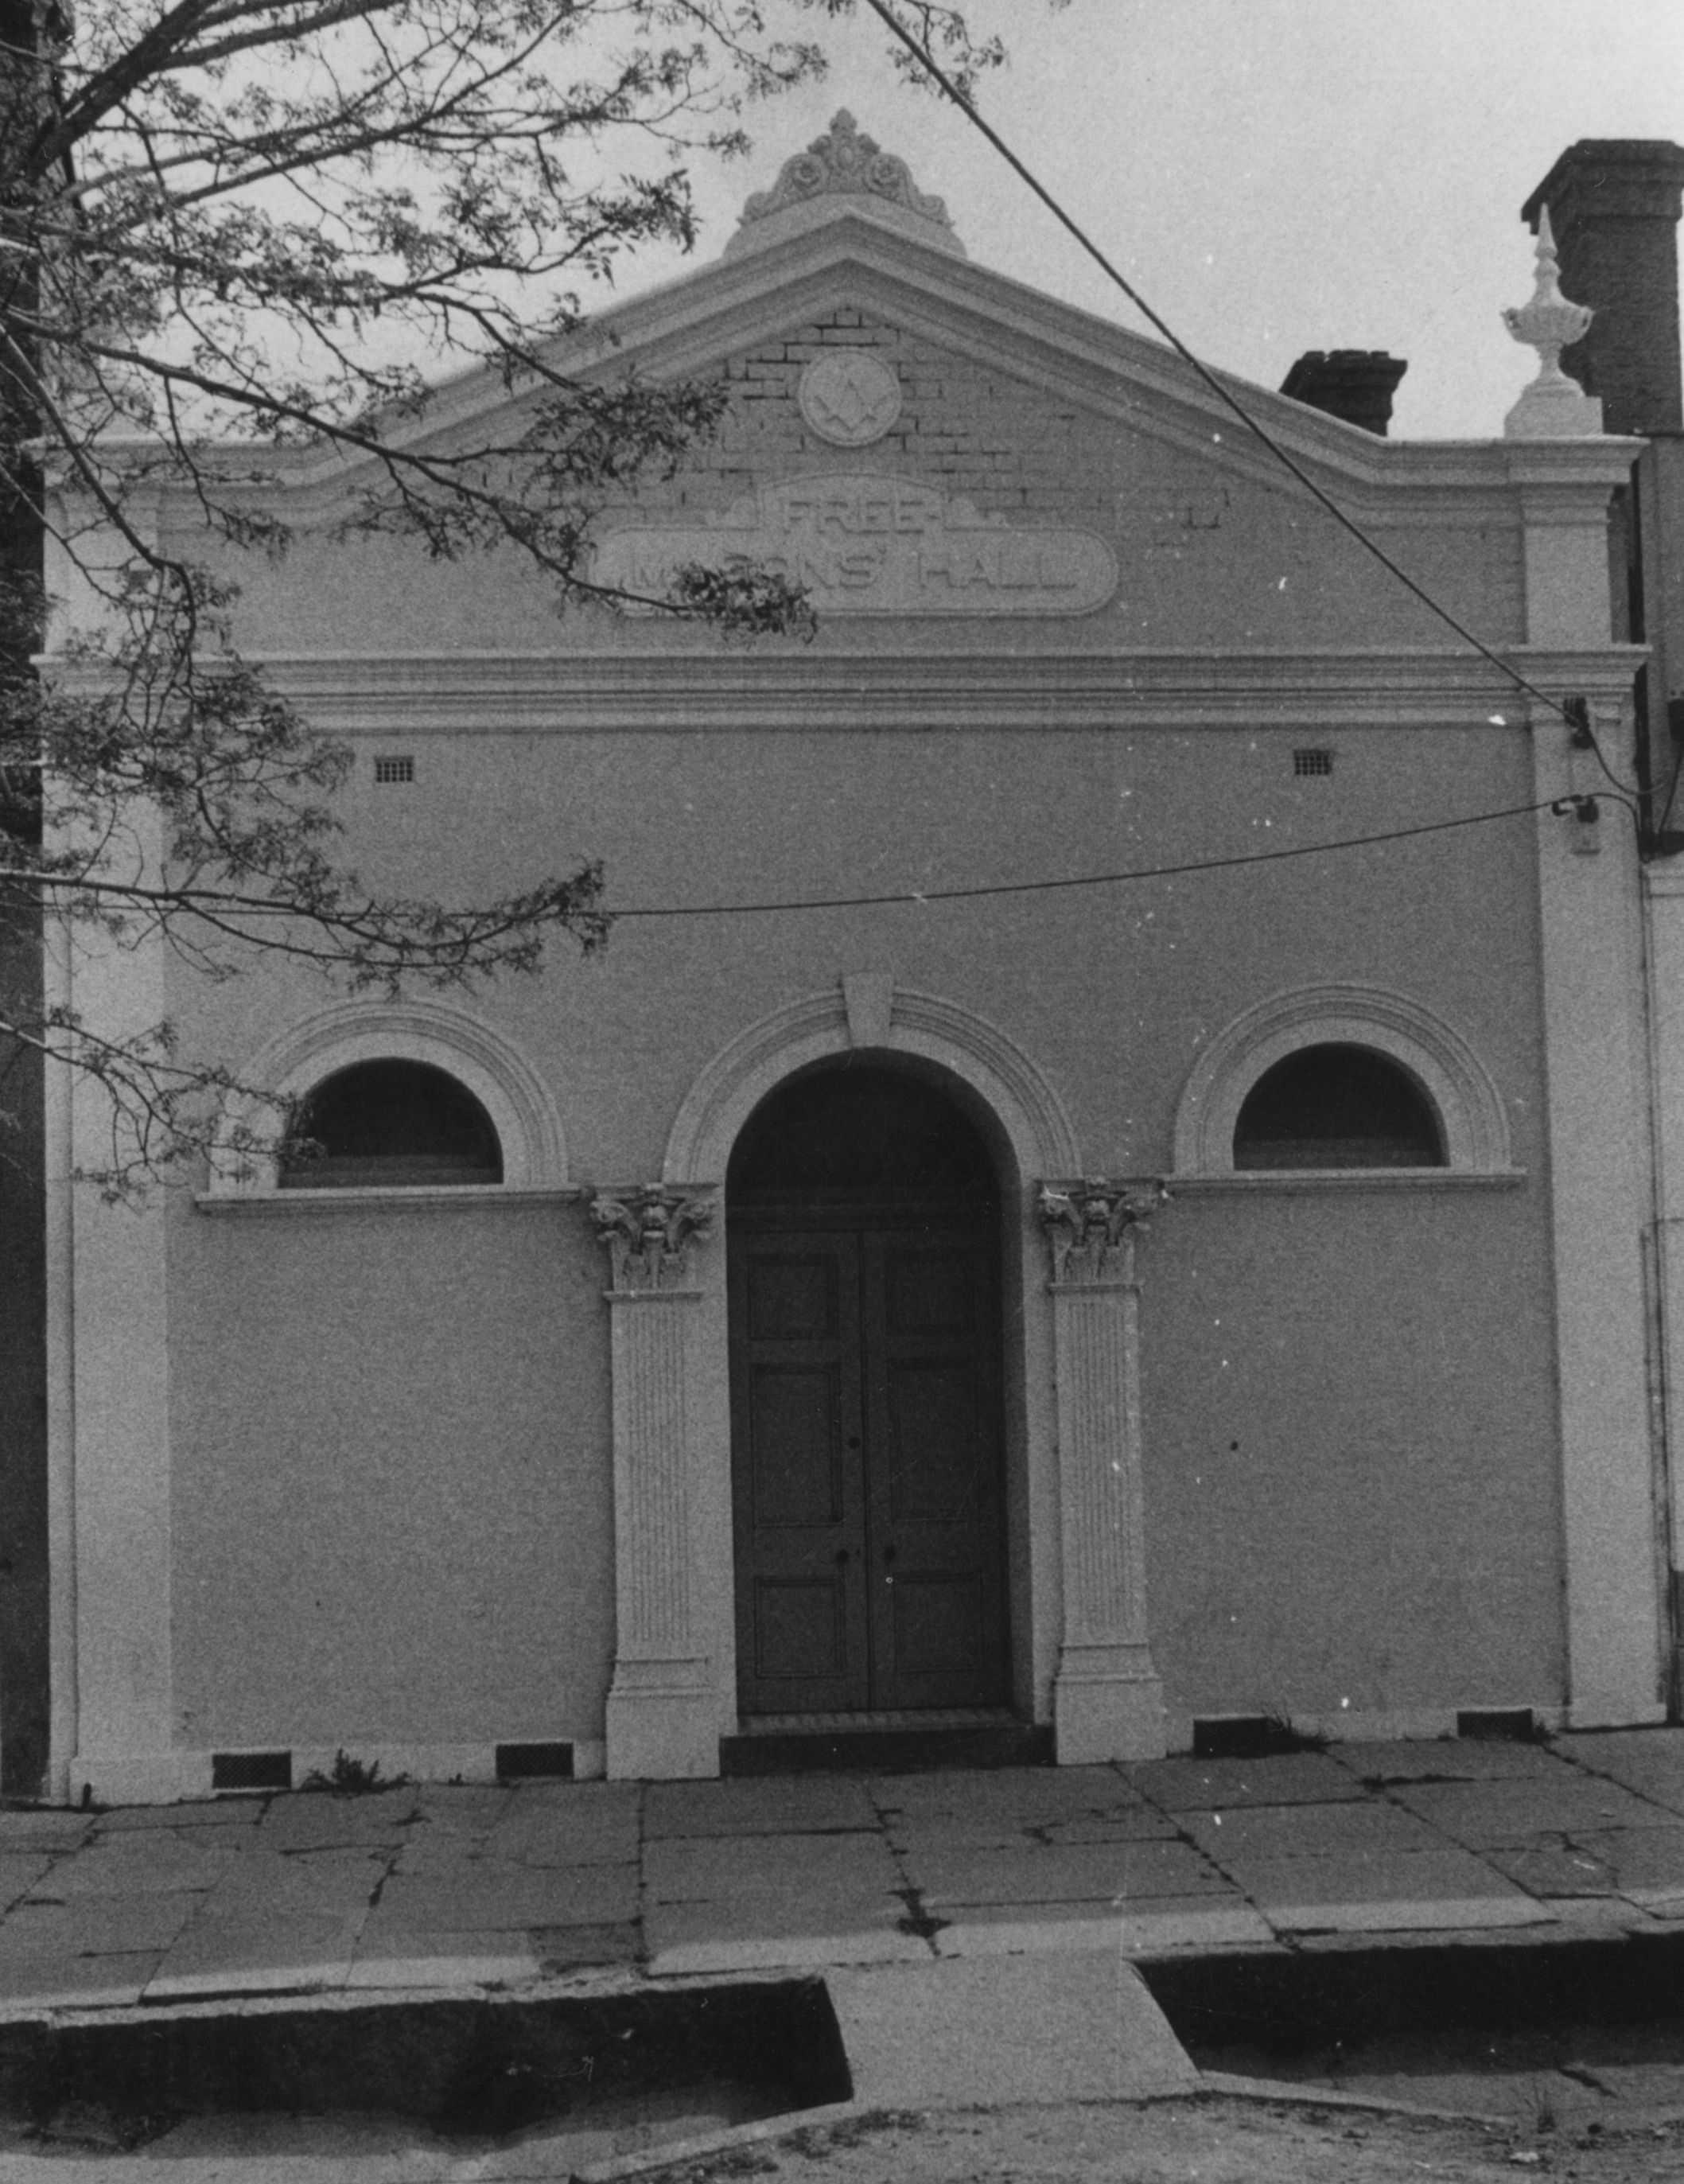 Freemasons' Hall, 1908